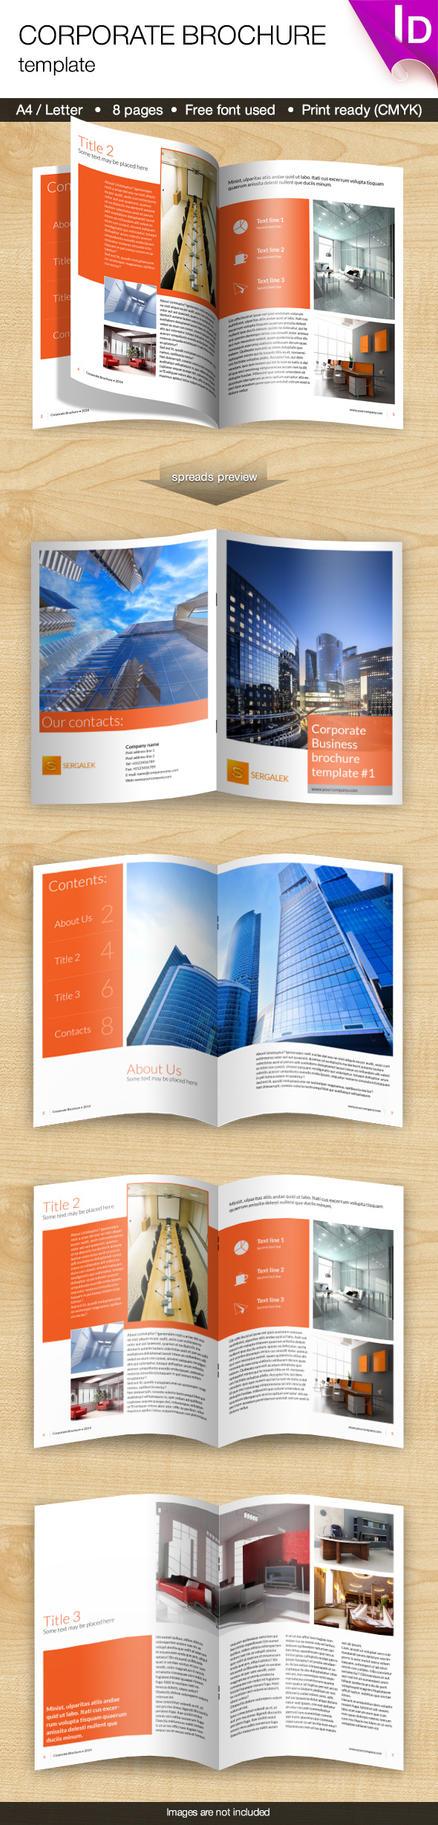 Sergalek Corporate brochure1 by Sergey-Alekseev